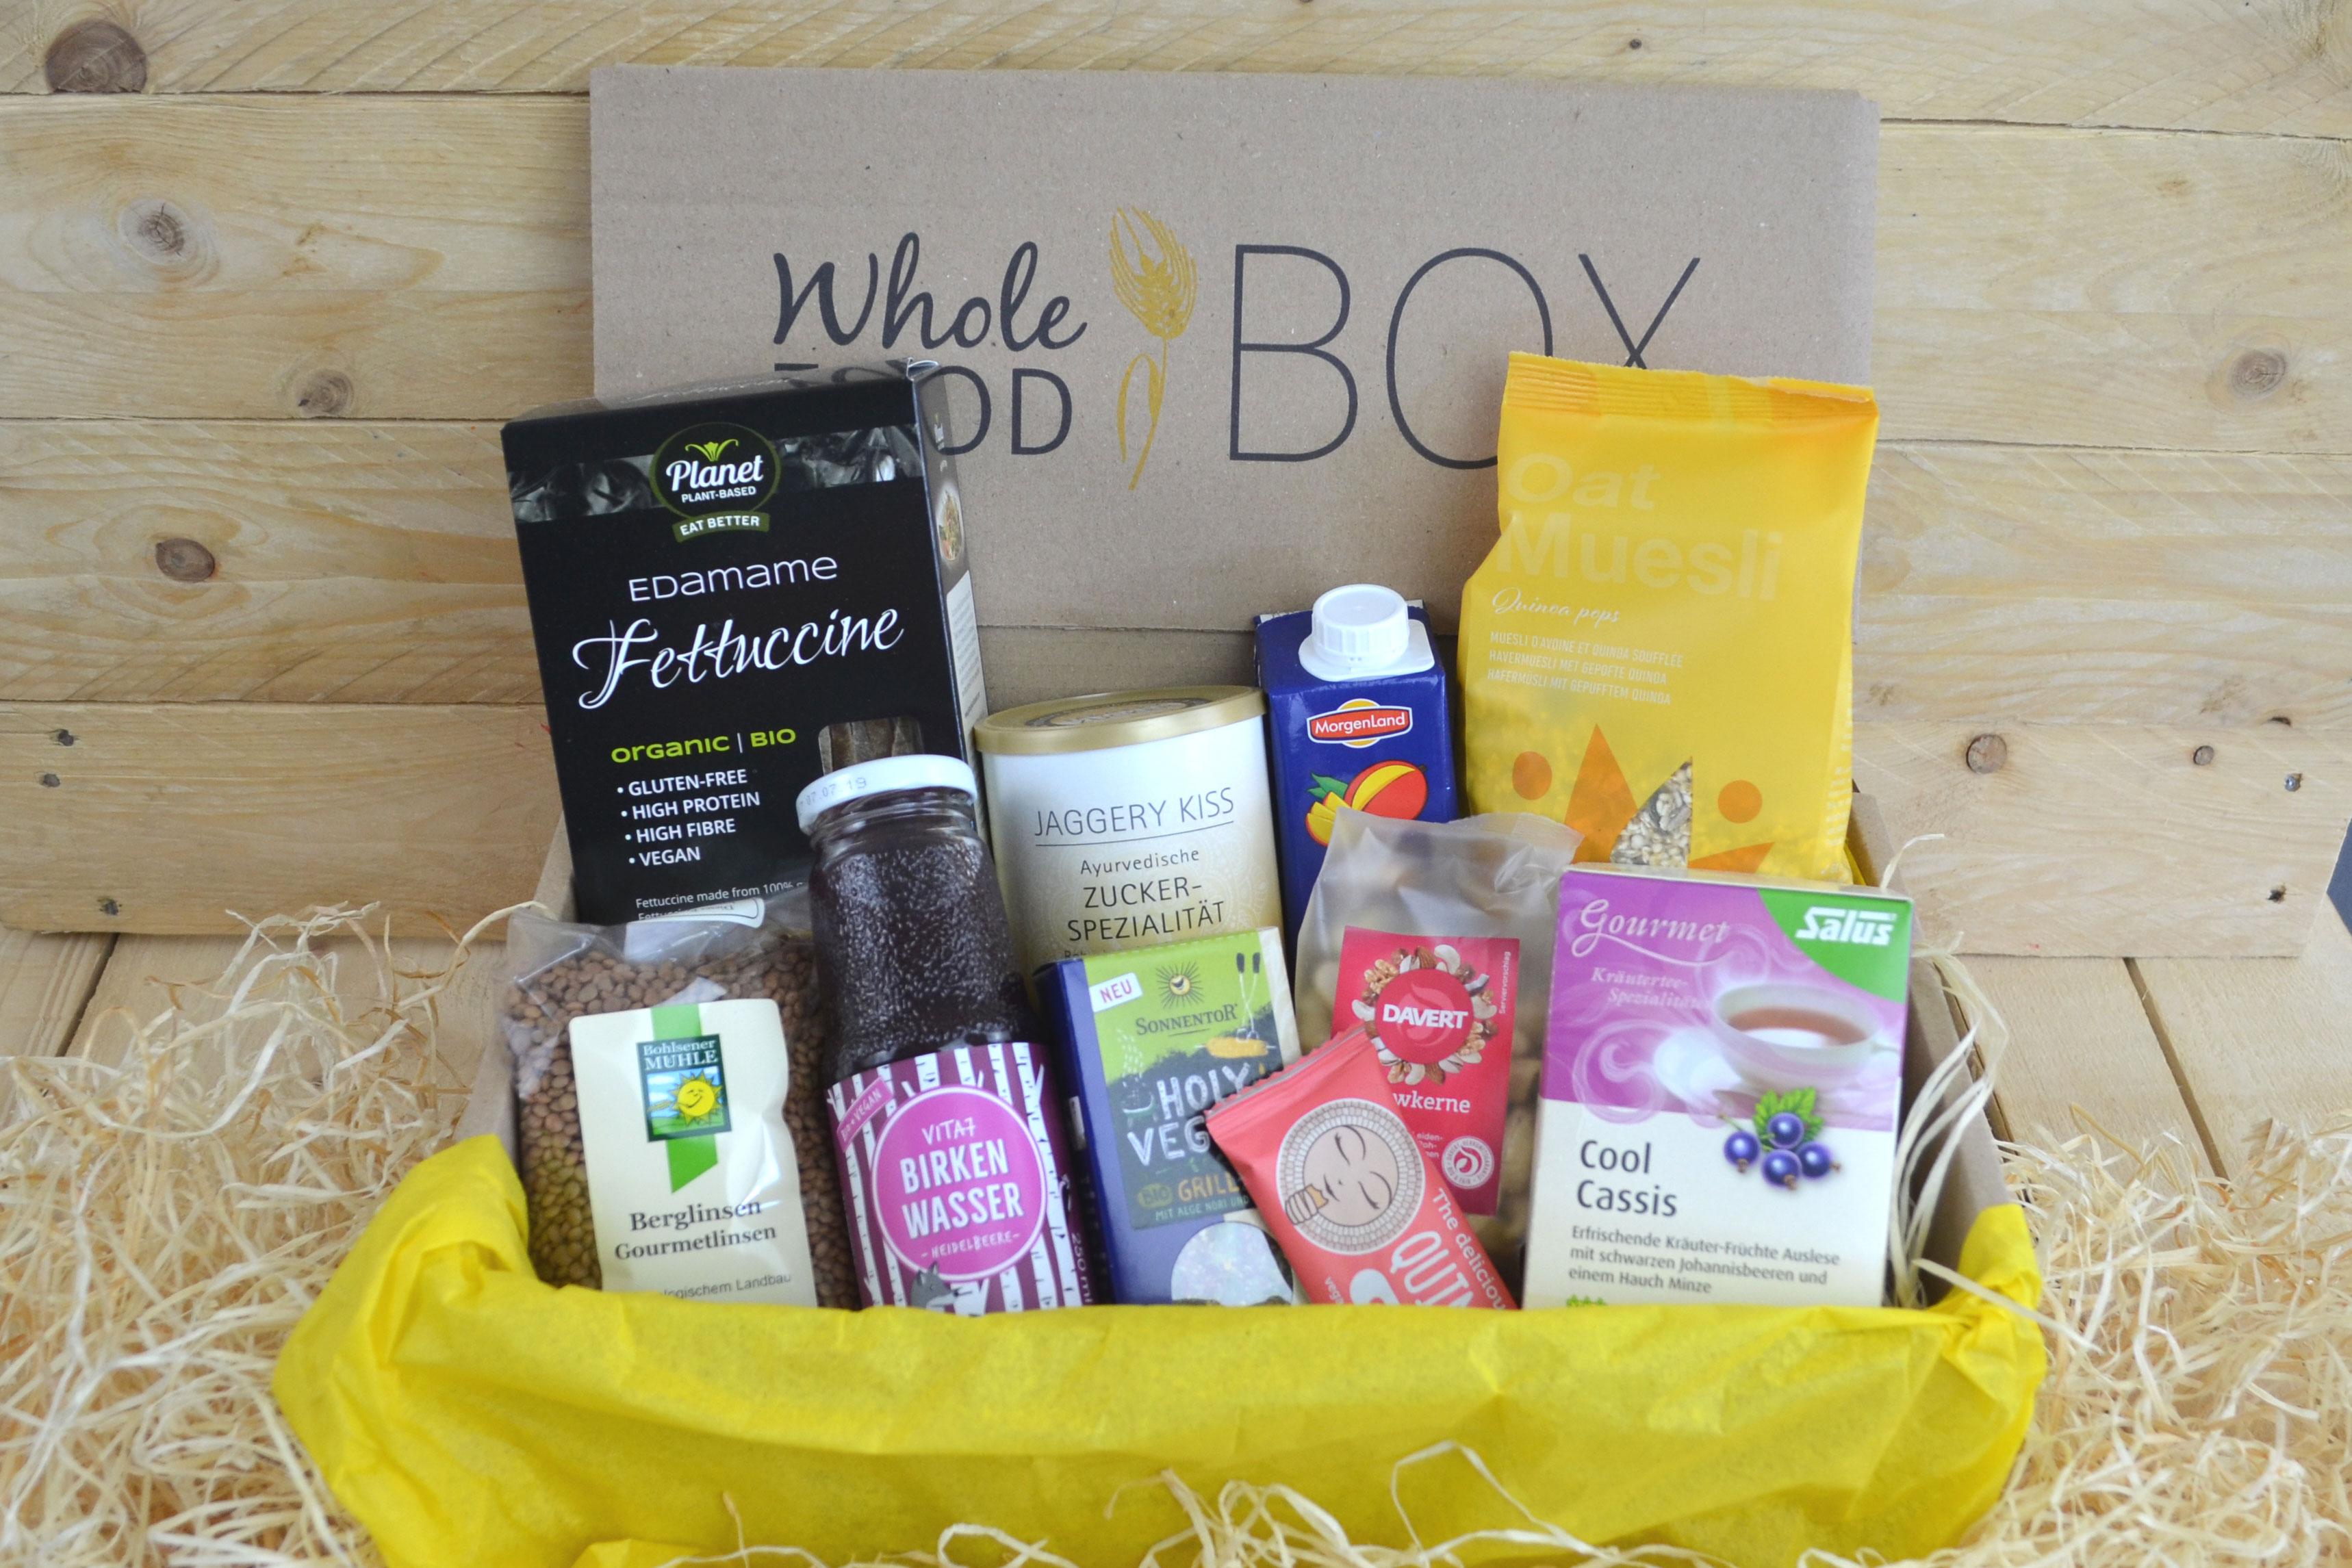 Beispiel einer Whole Food Box